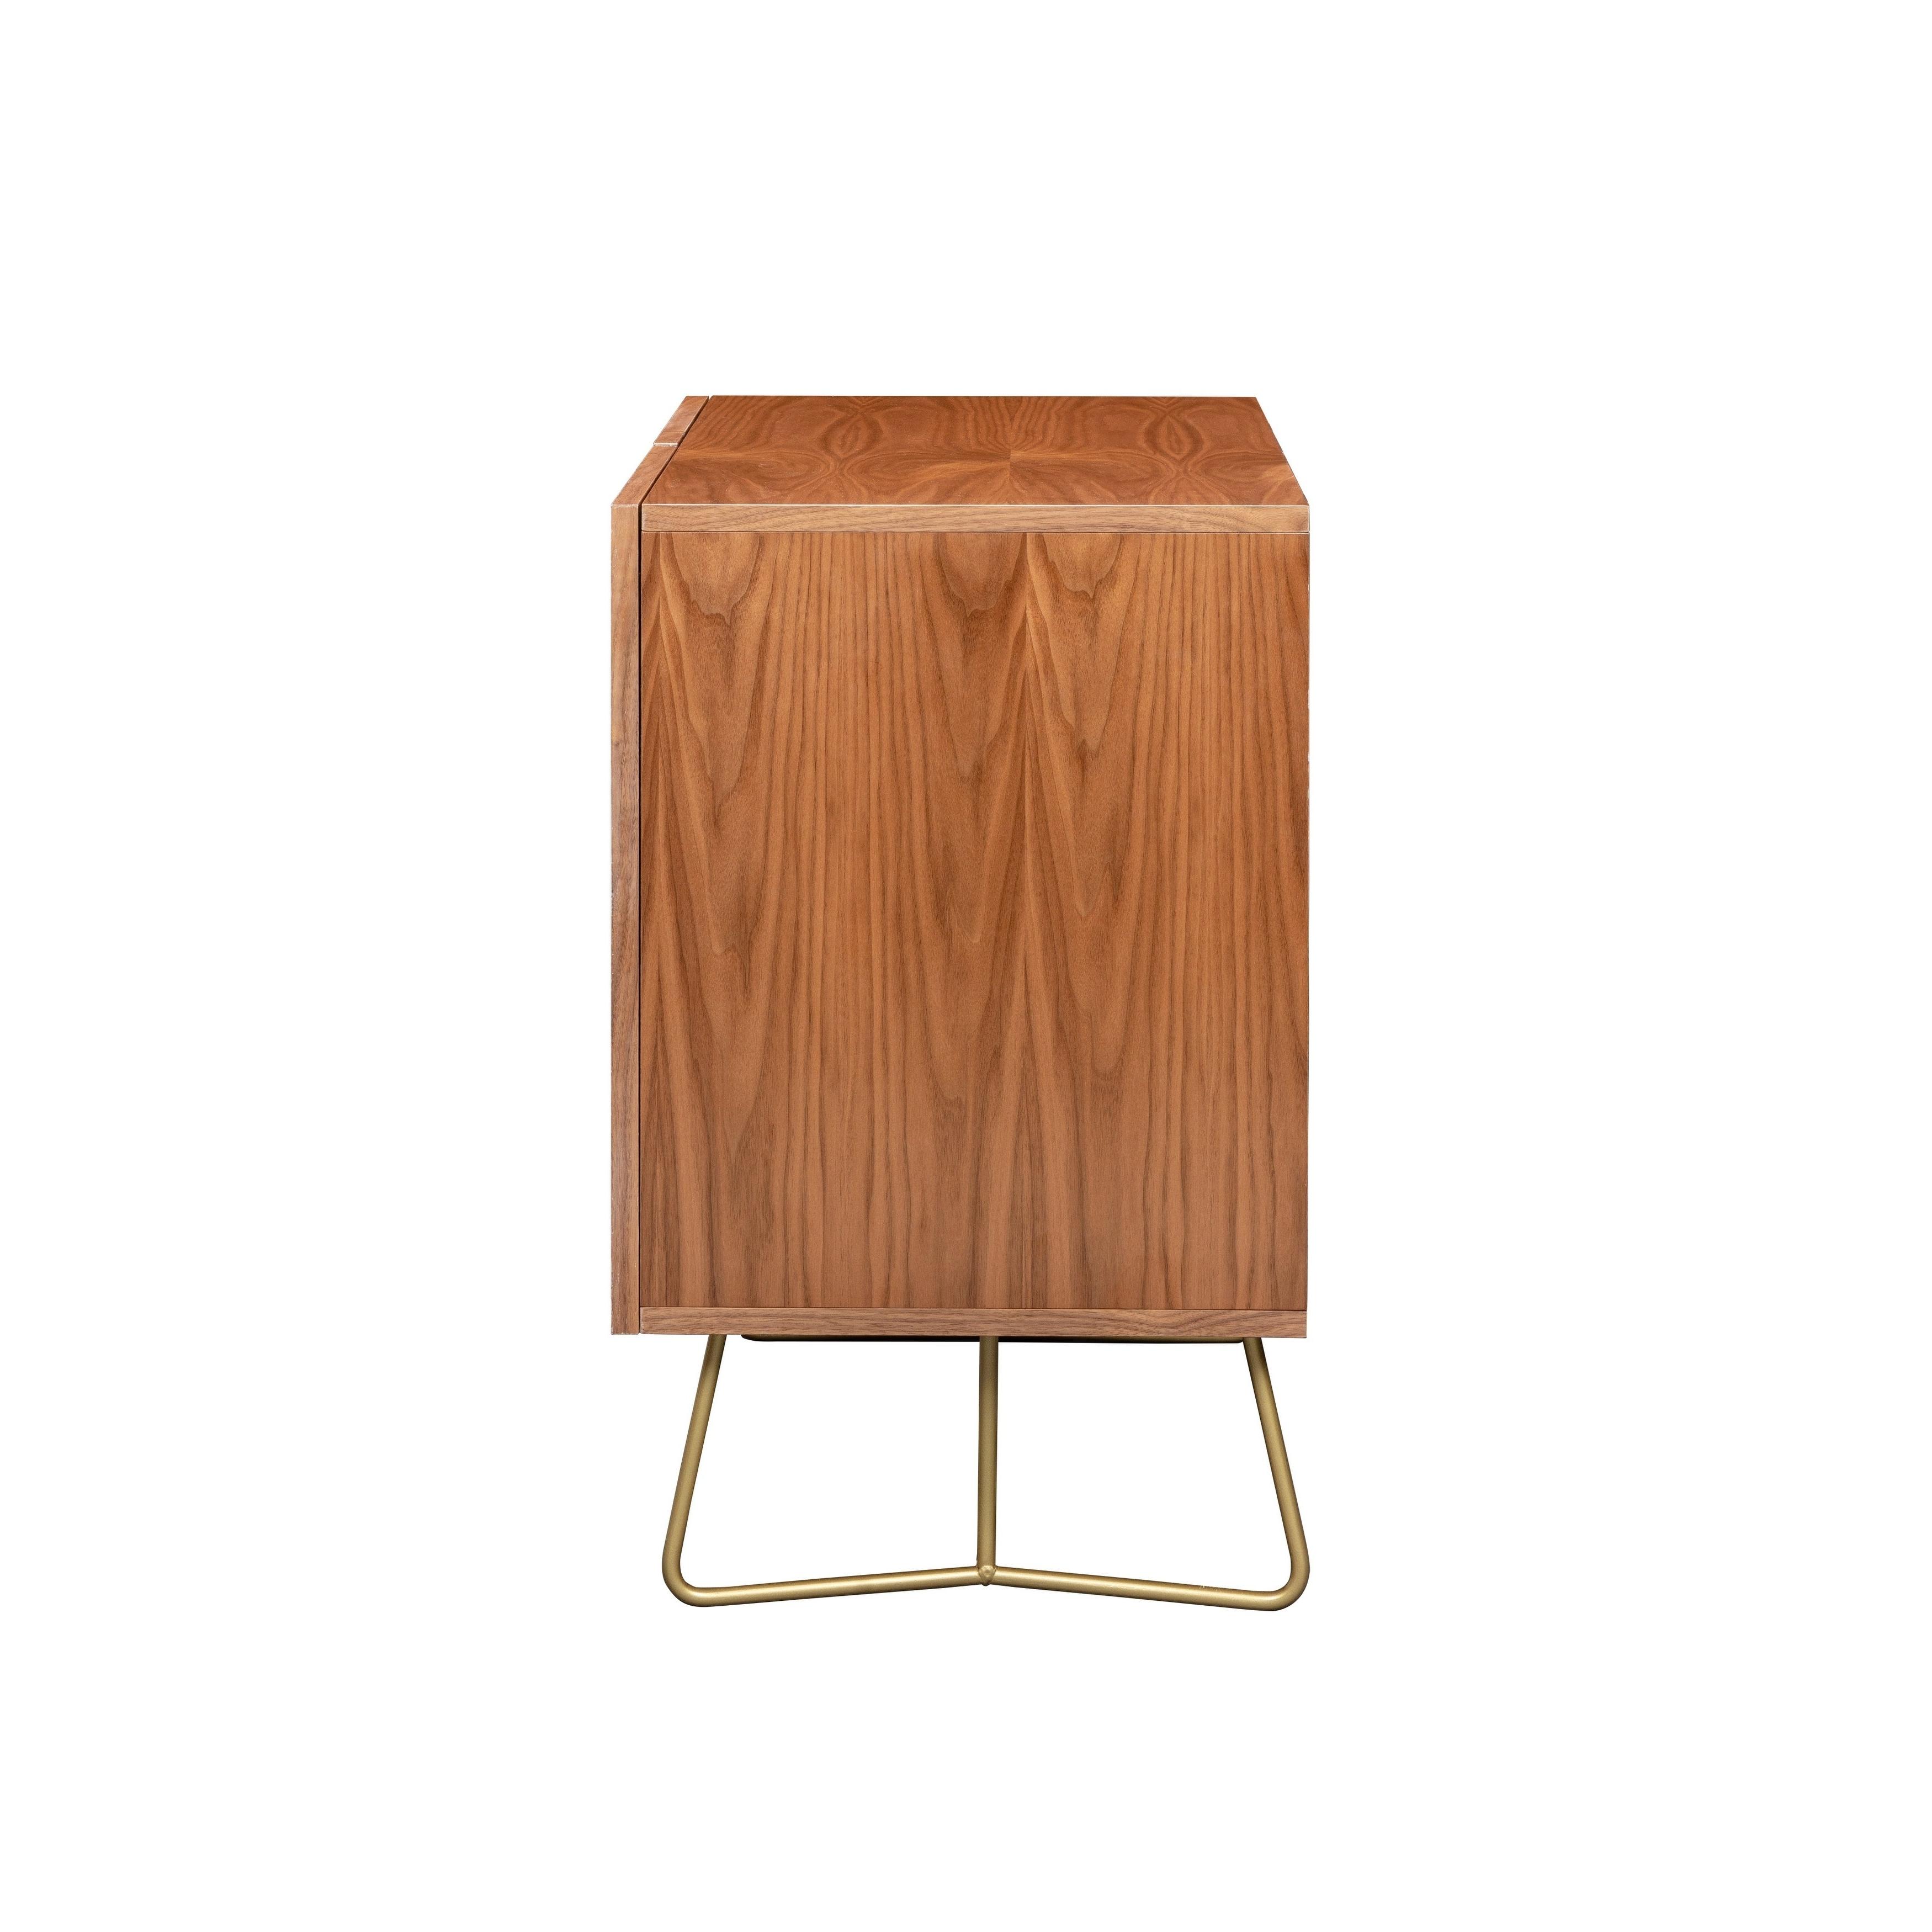 Deny Designs Emerald Cubes Credenza (Birch Or Walnut, 2 Leg Options) For Emerald Cubes Credenzas (View 2 of 20)